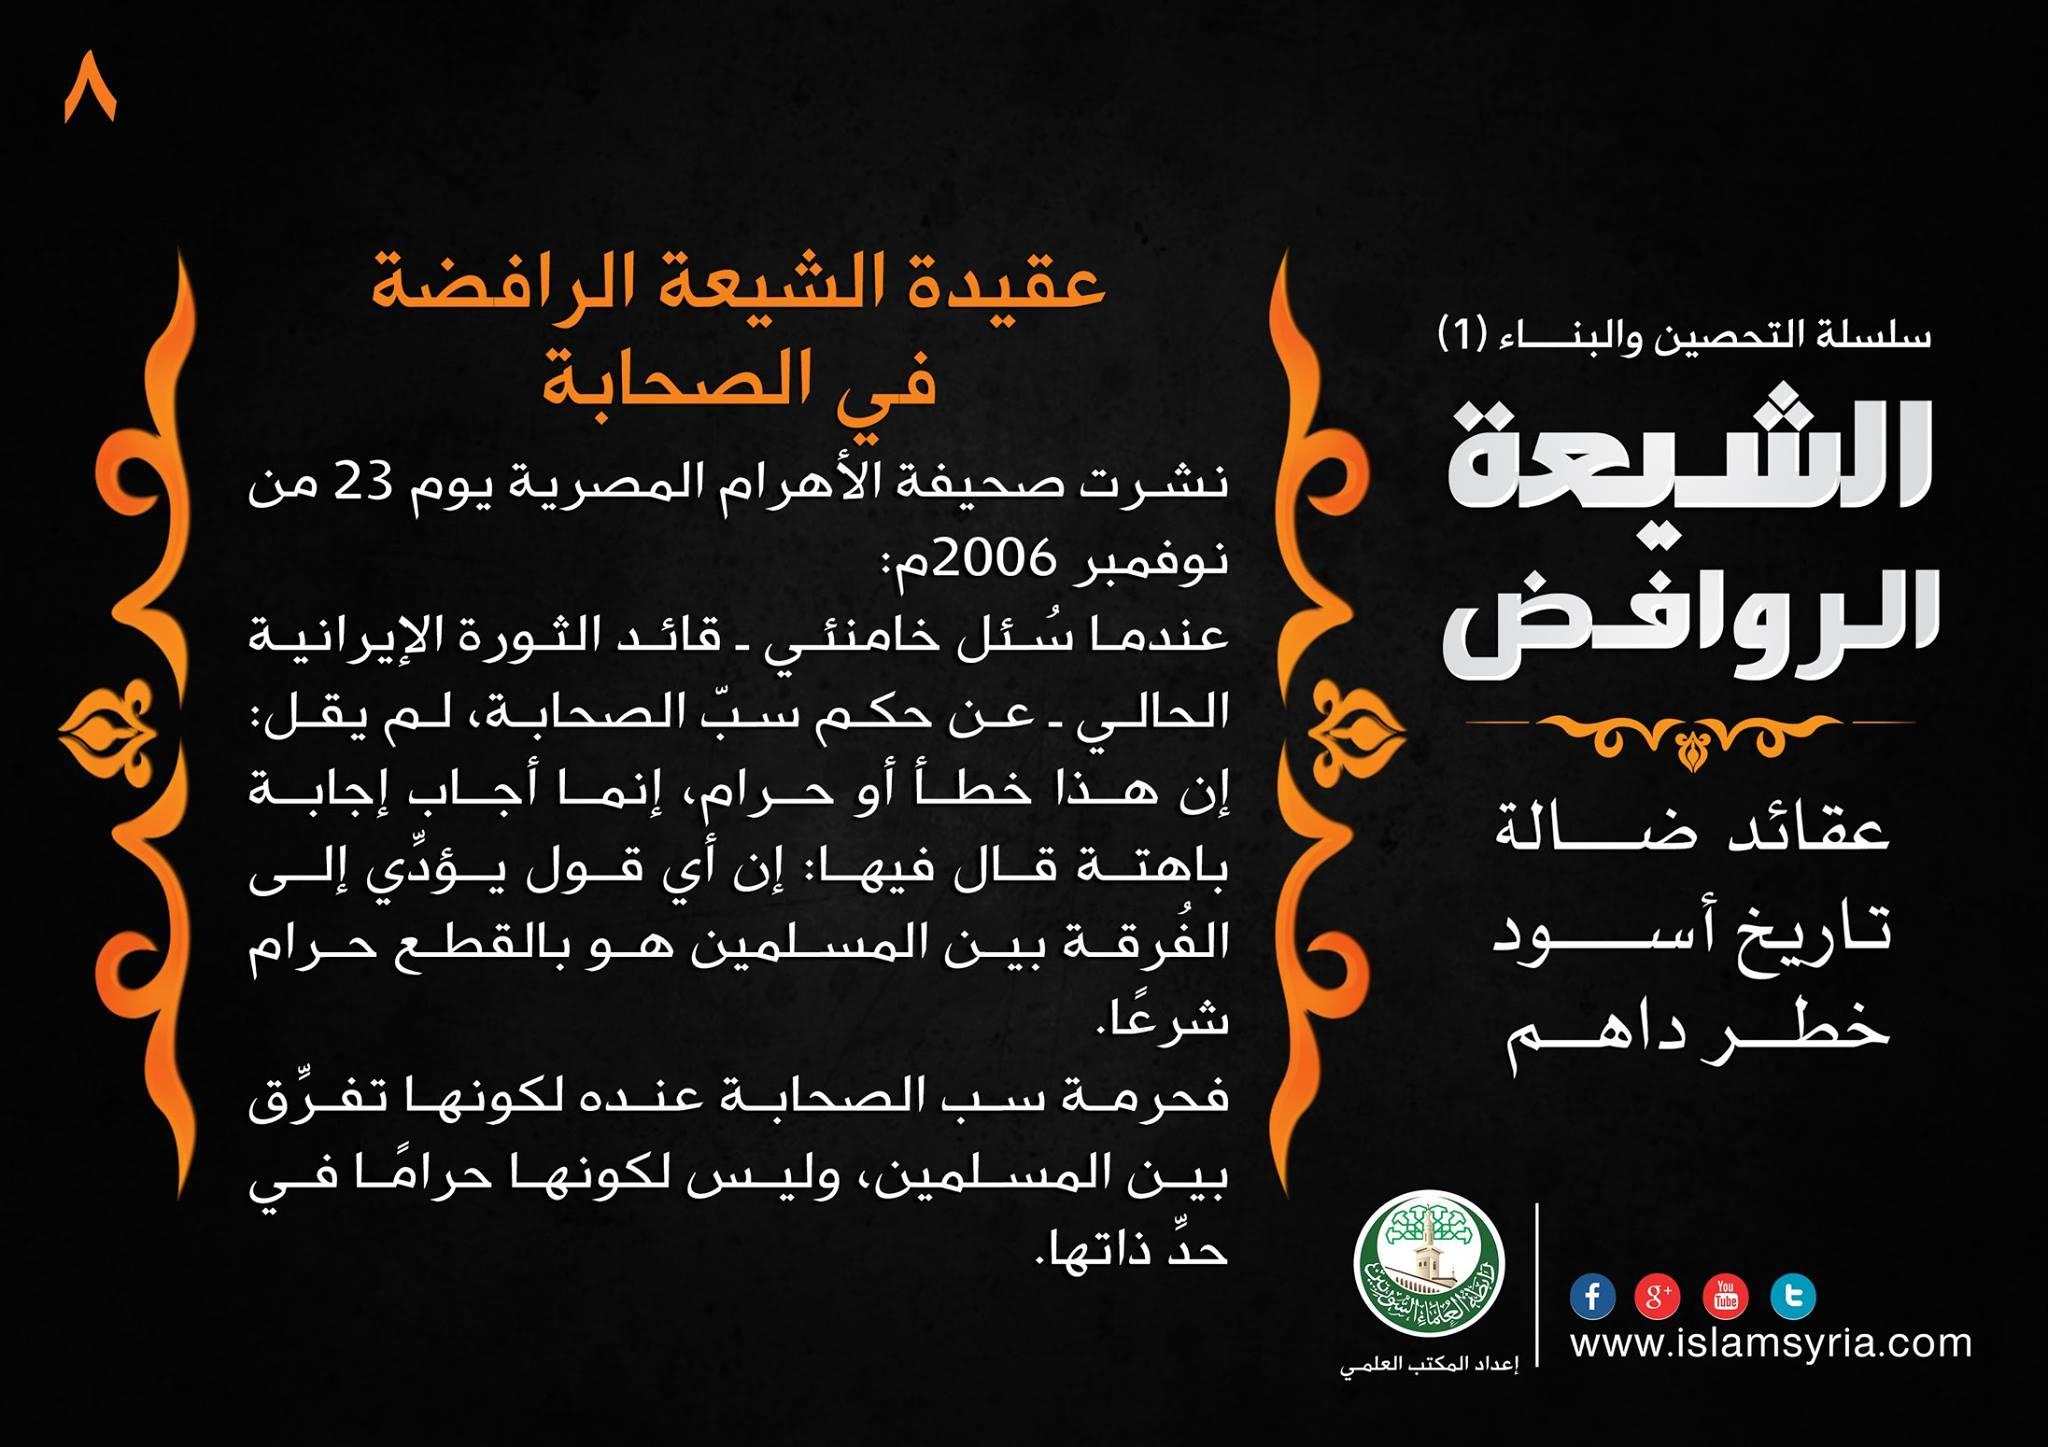 سلسلة التحصين والبناء -8- الشيعة الروافض